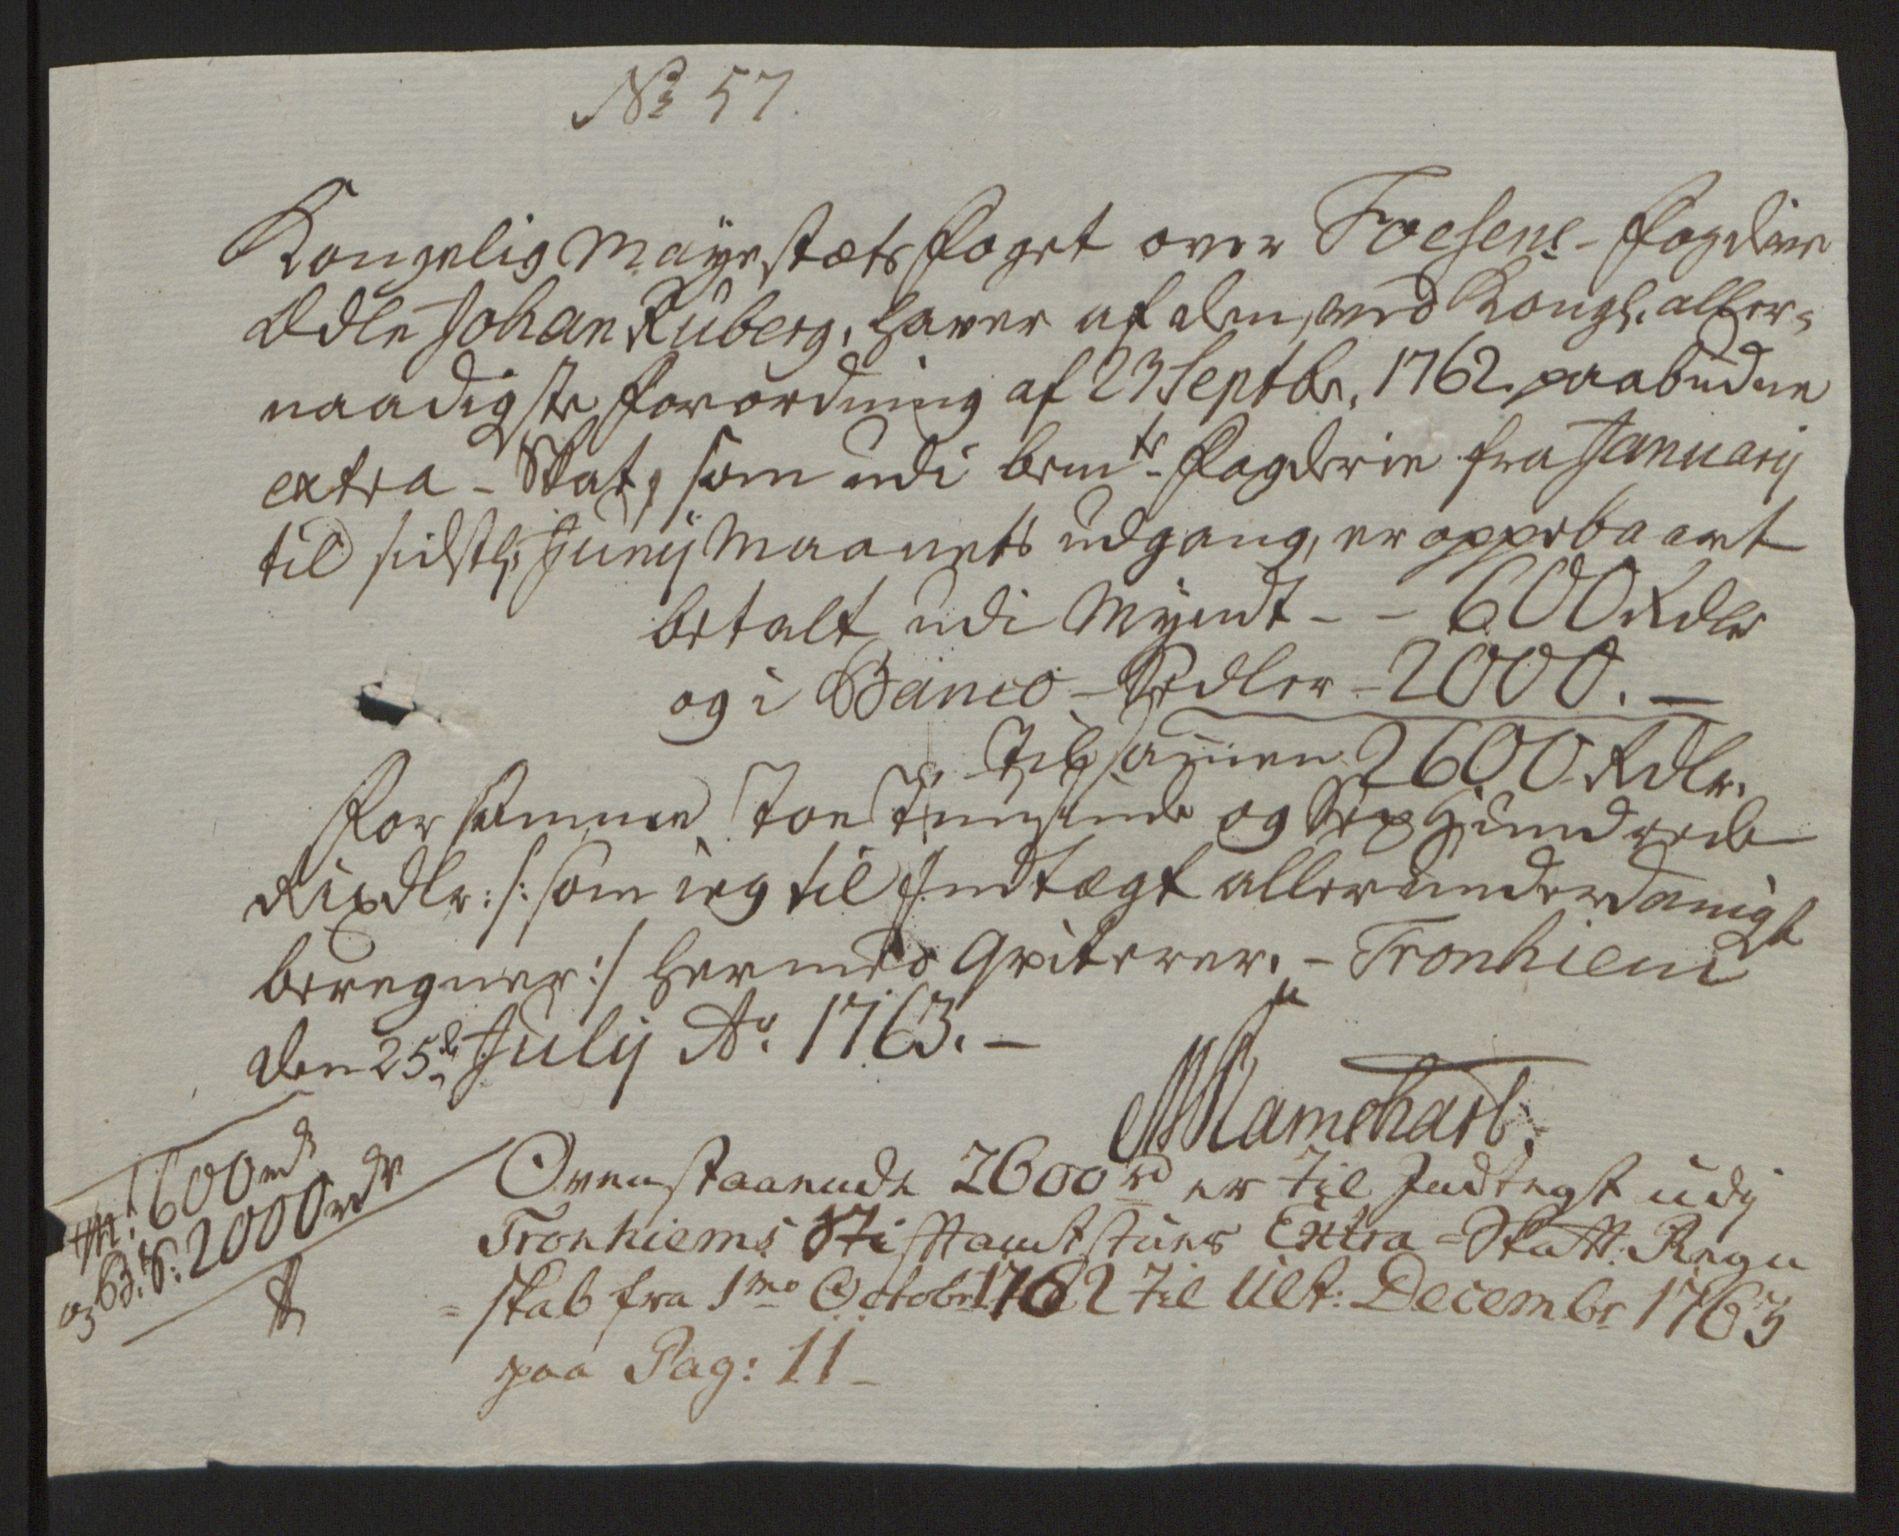 RA, Rentekammeret inntil 1814, Reviderte regnskaper, Fogderegnskap, R57/L3930: Ekstraskatten Fosen, 1762-1763, s. 435